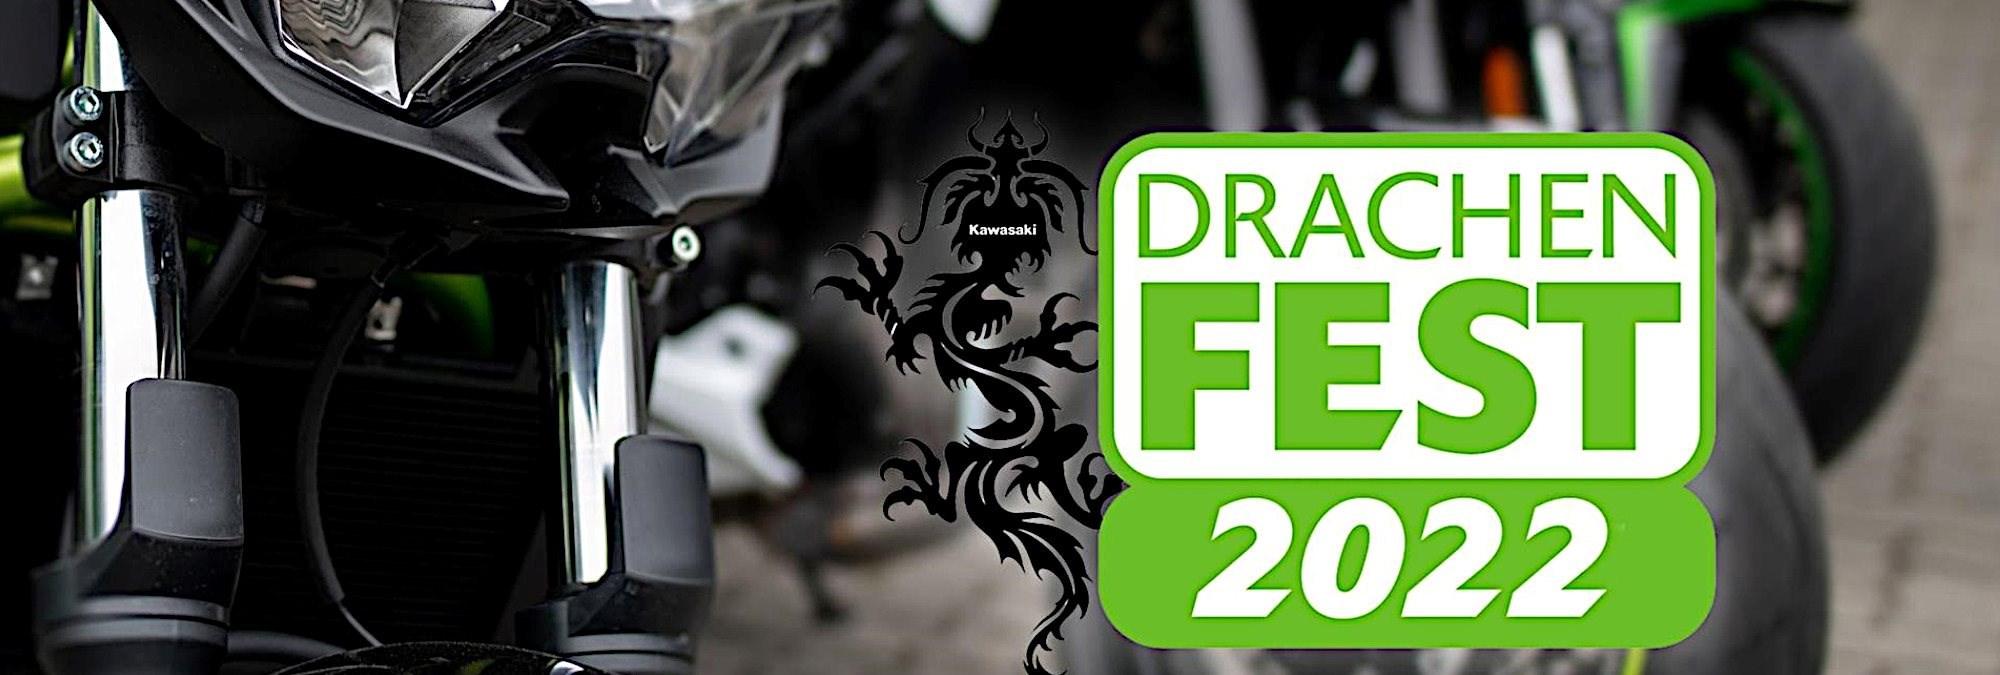 Wir freuen uns aufs Drachenfest 2022!